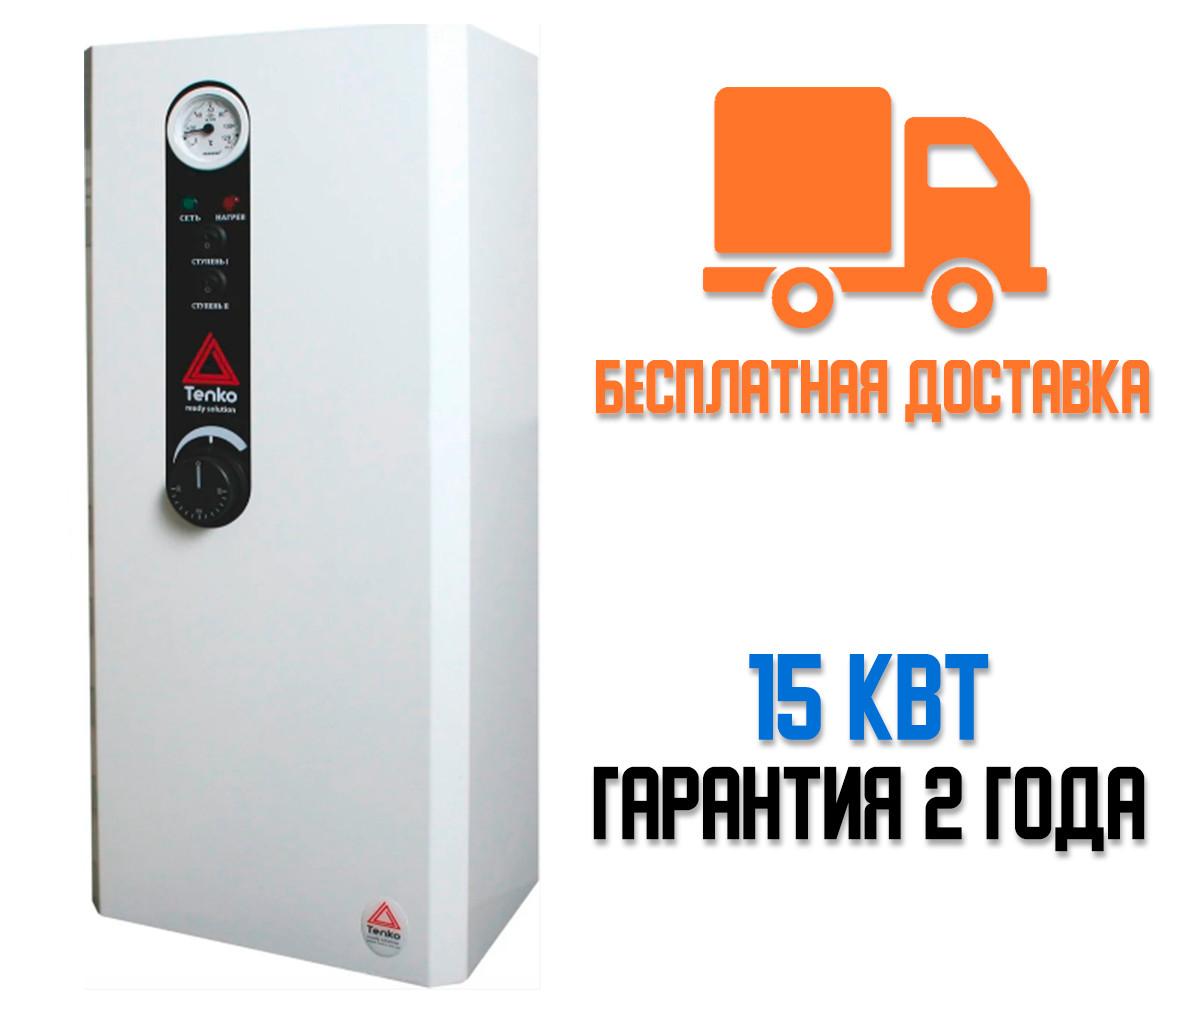 Котел электрический Tenko  15 кВт/380 стандарт Бесплатная доставка!